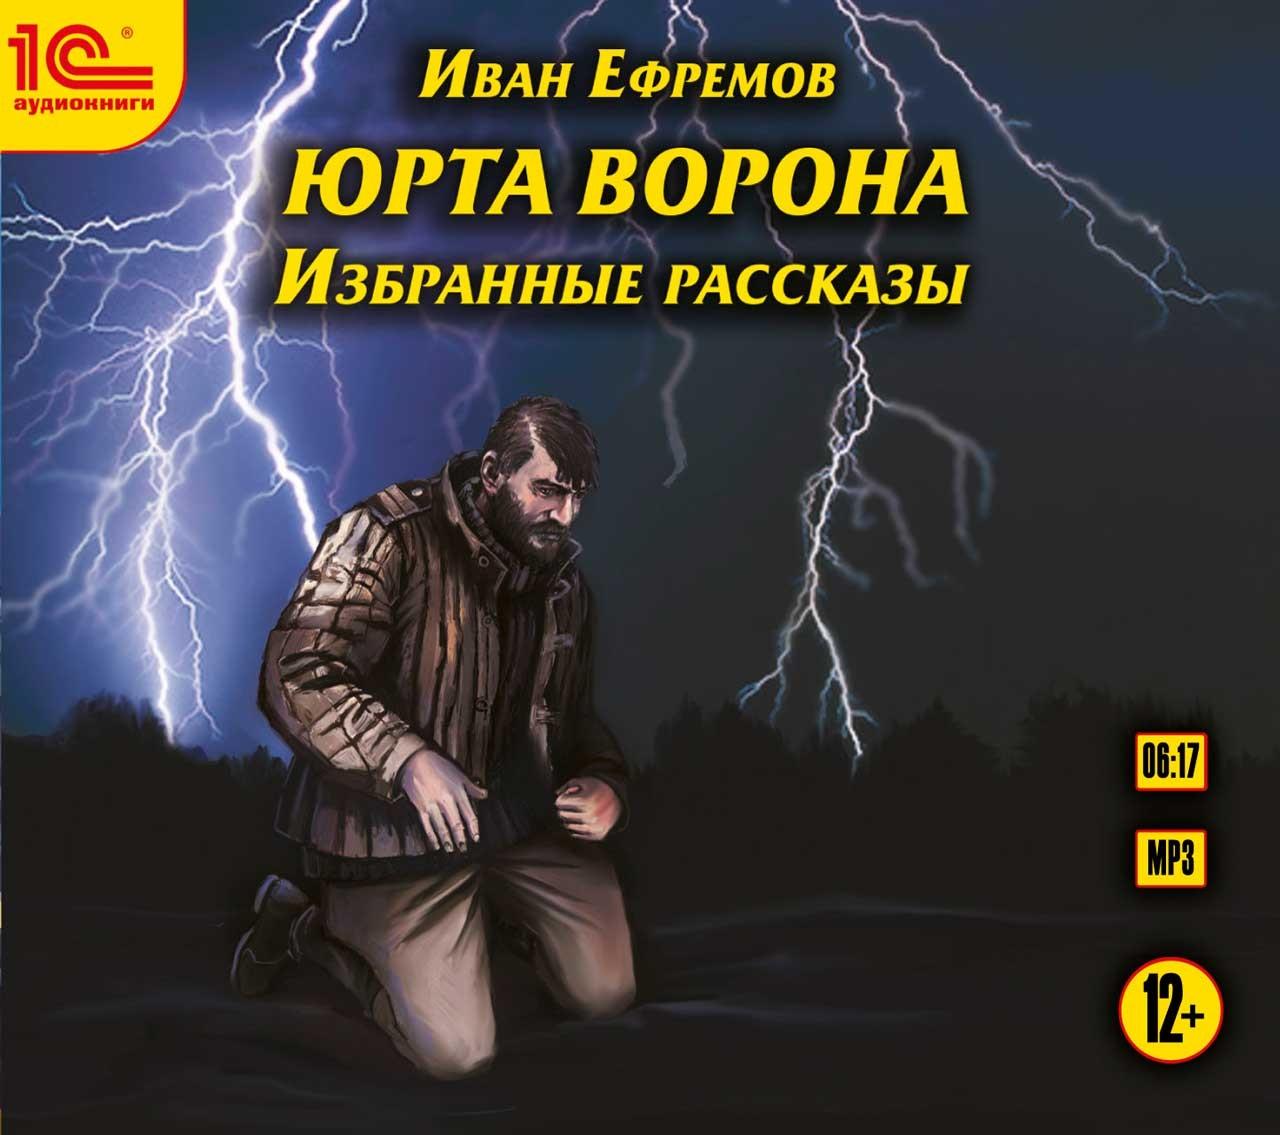 Ефремов Иван Юрта Ворона. Избранные рассказы aknildress ворона 2